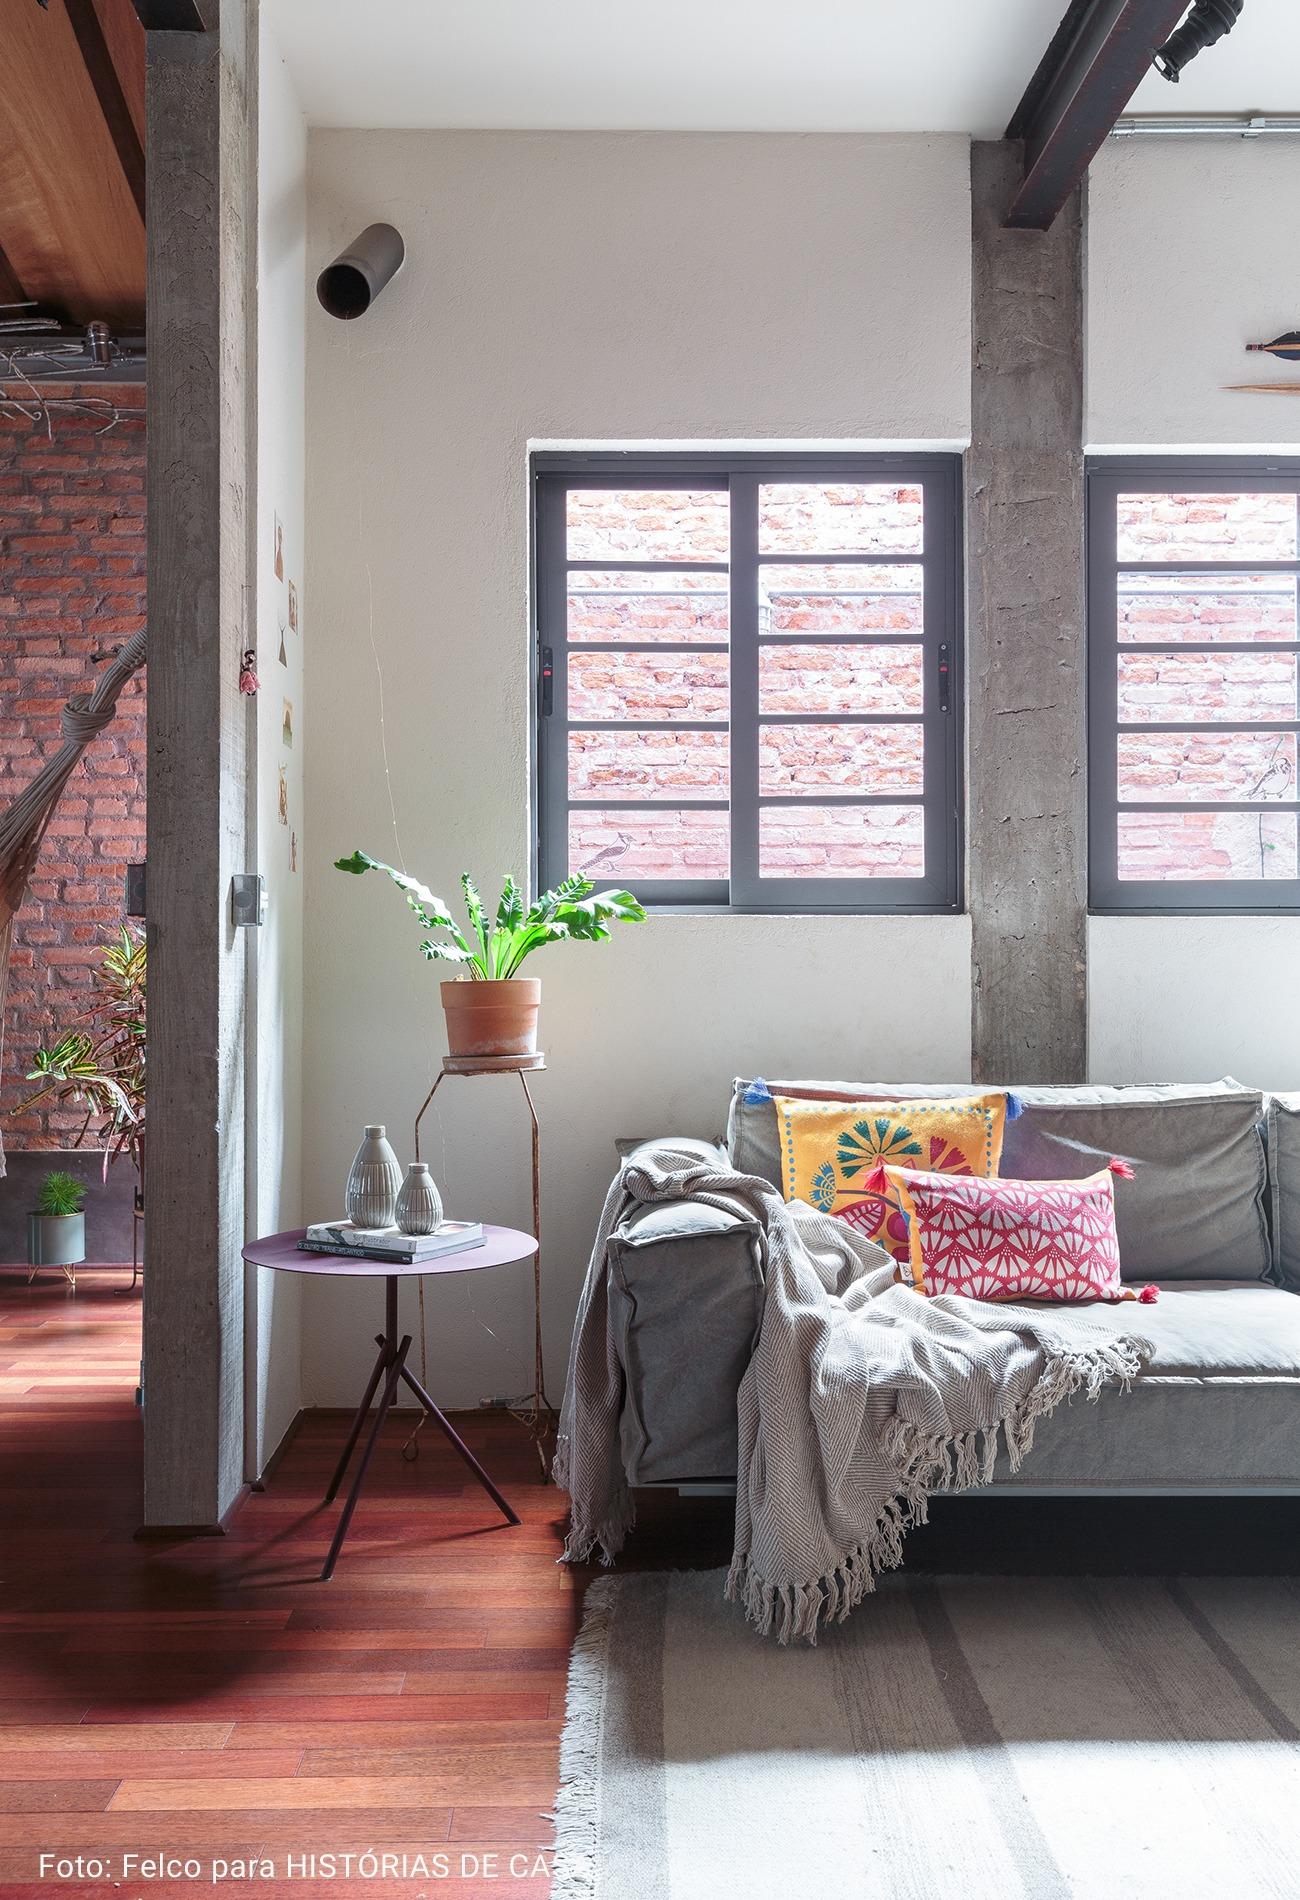 sofá cinza com almofadas coloridas